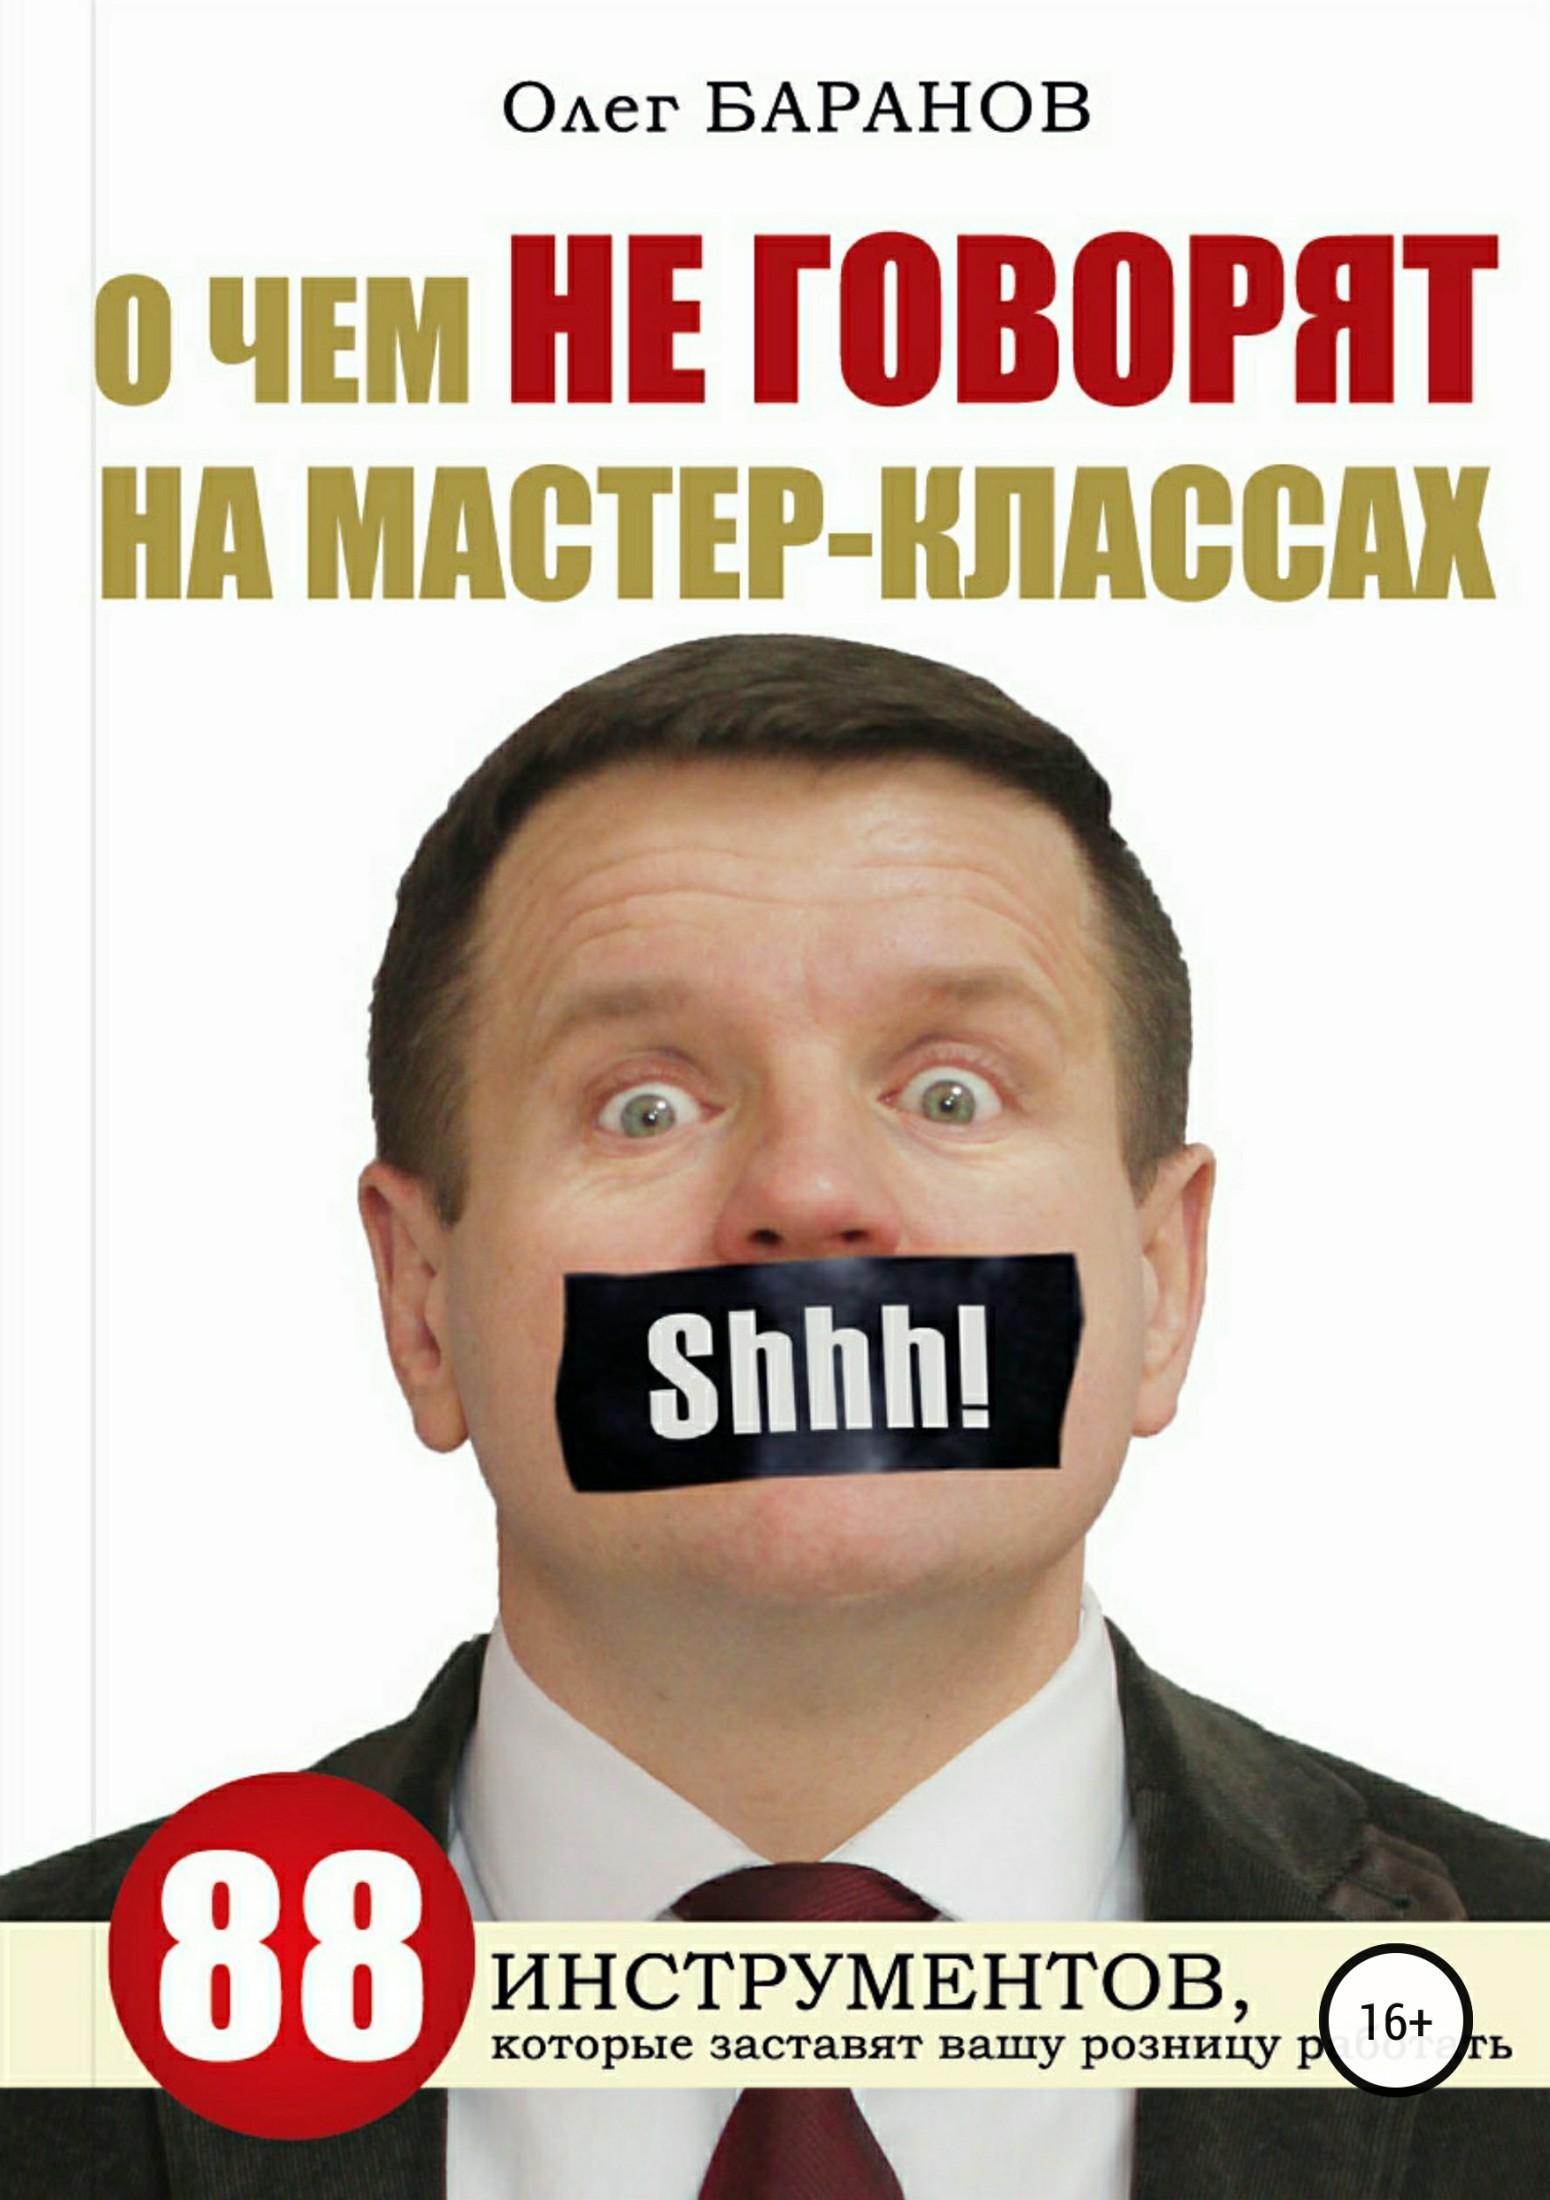 Обложка книги. Автор - Олег Баранов